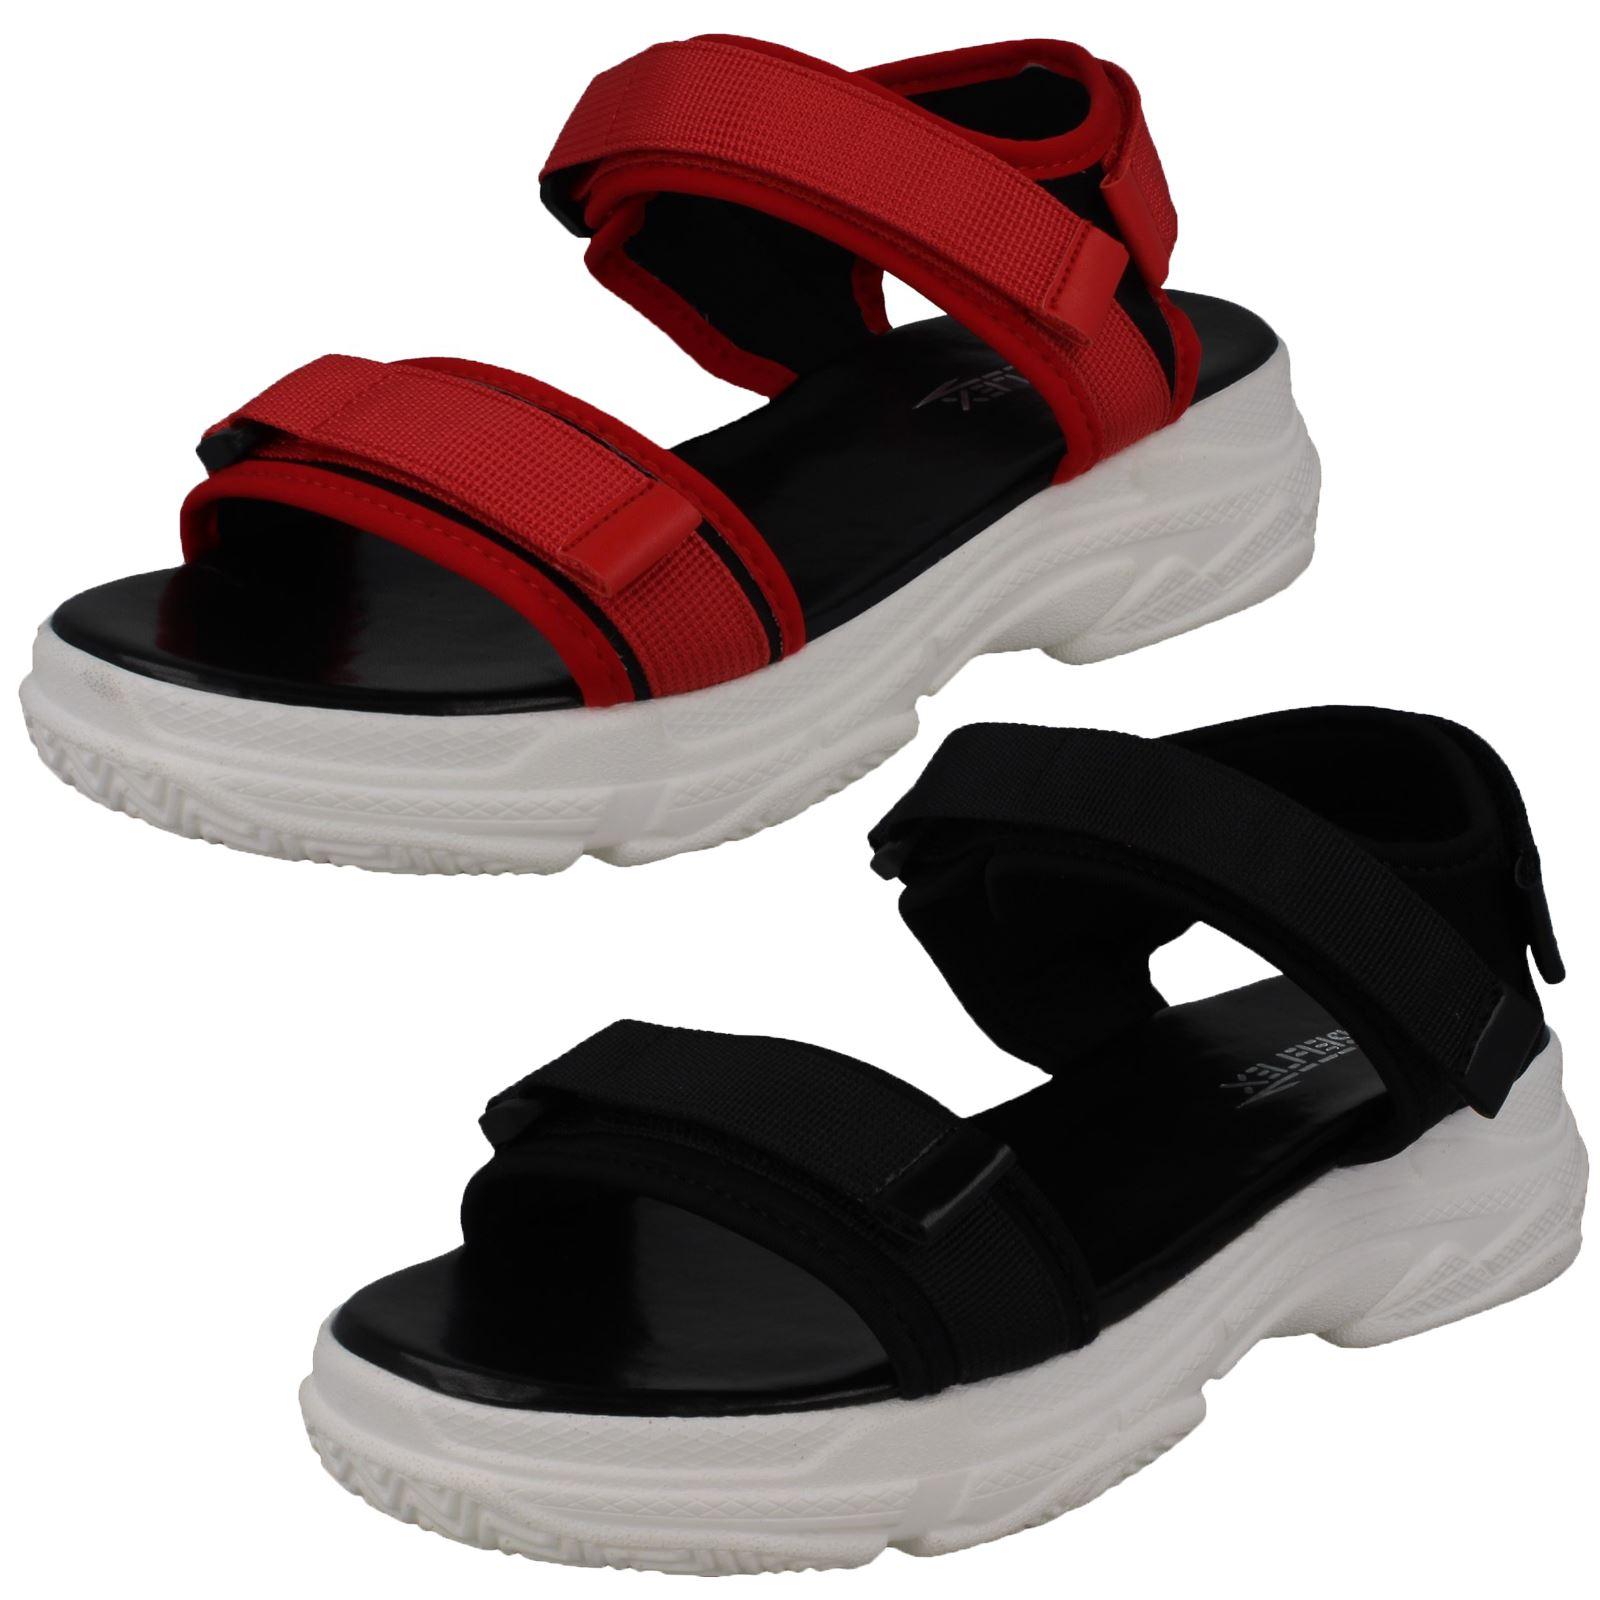 Ladies Reflex Sports Sandals   eBay